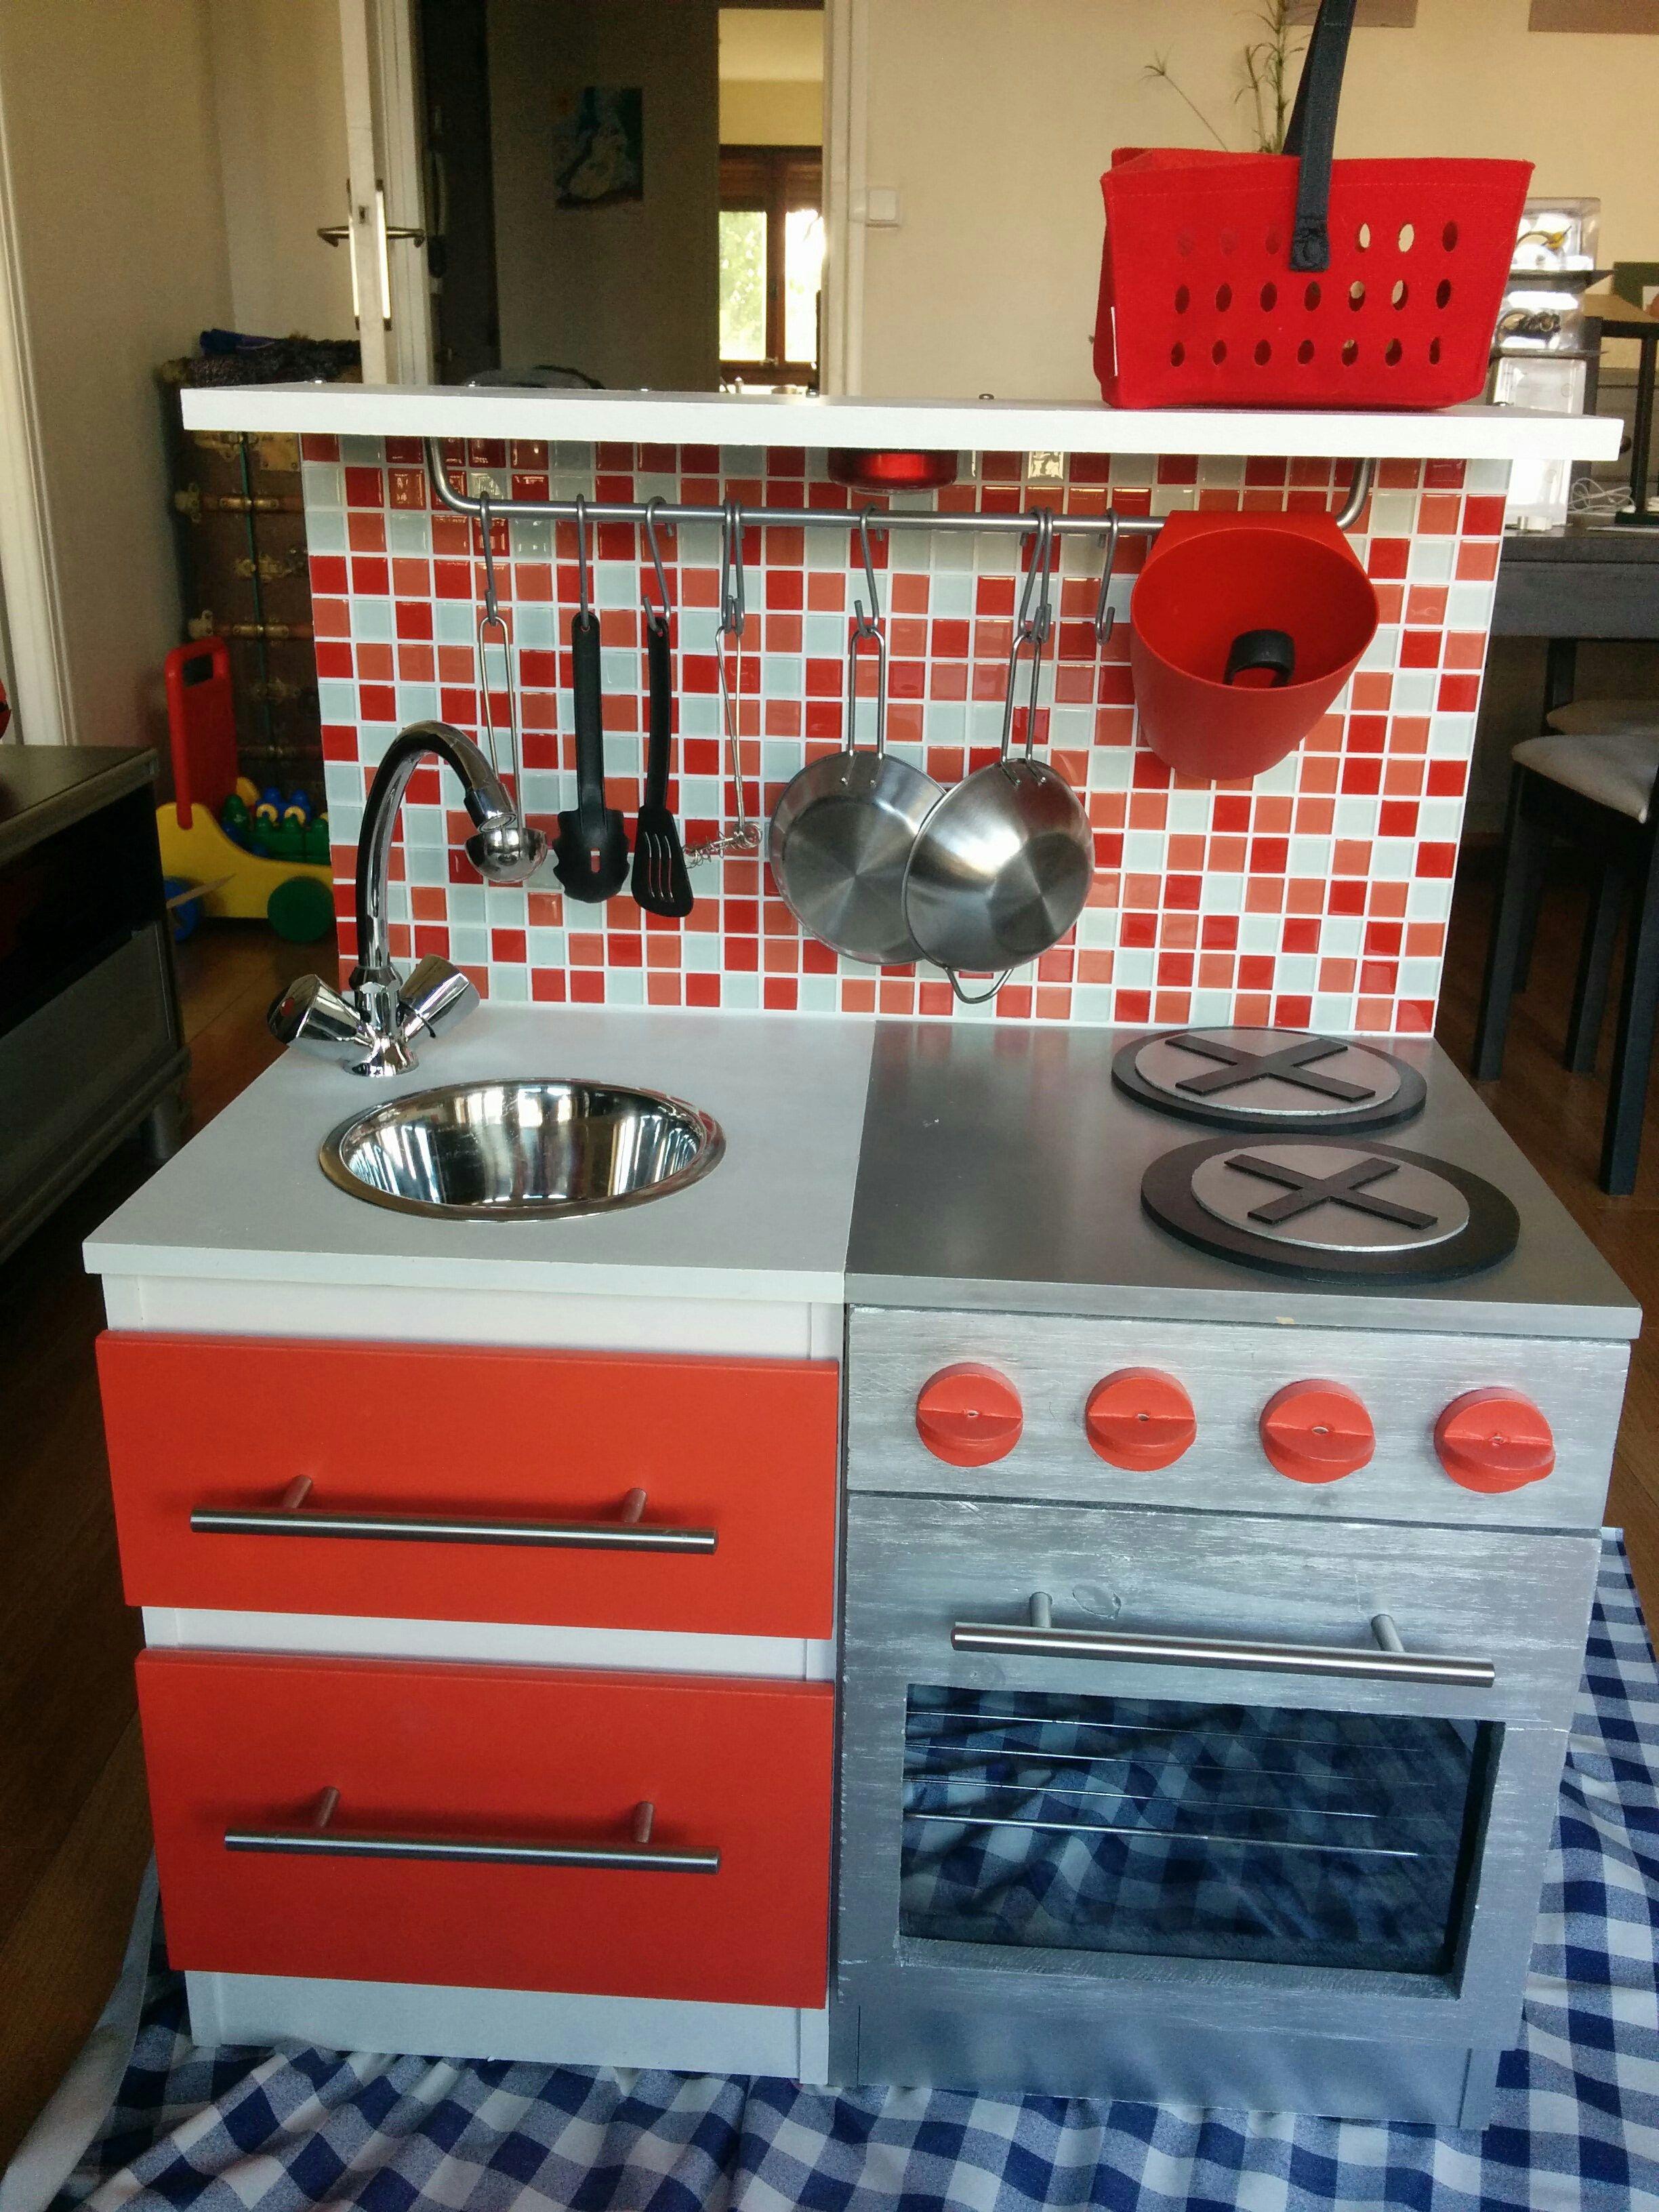 diy fabriquer cuisine enfant | brico-recycle | pinterest ... - Fabriquer Une Cuisine En Bois Pour Enfant